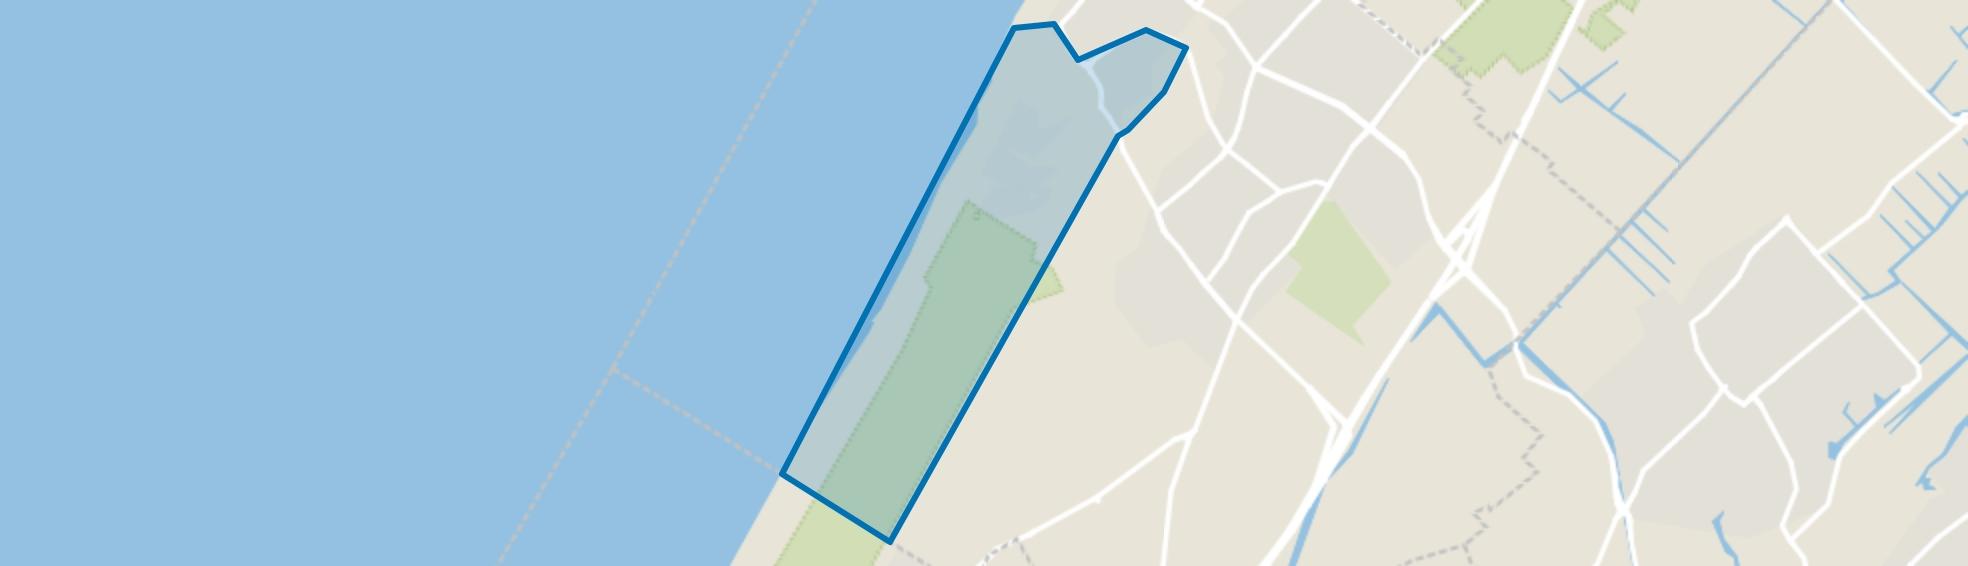 Villawijk-Zuid, Noordwijk (ZH) map